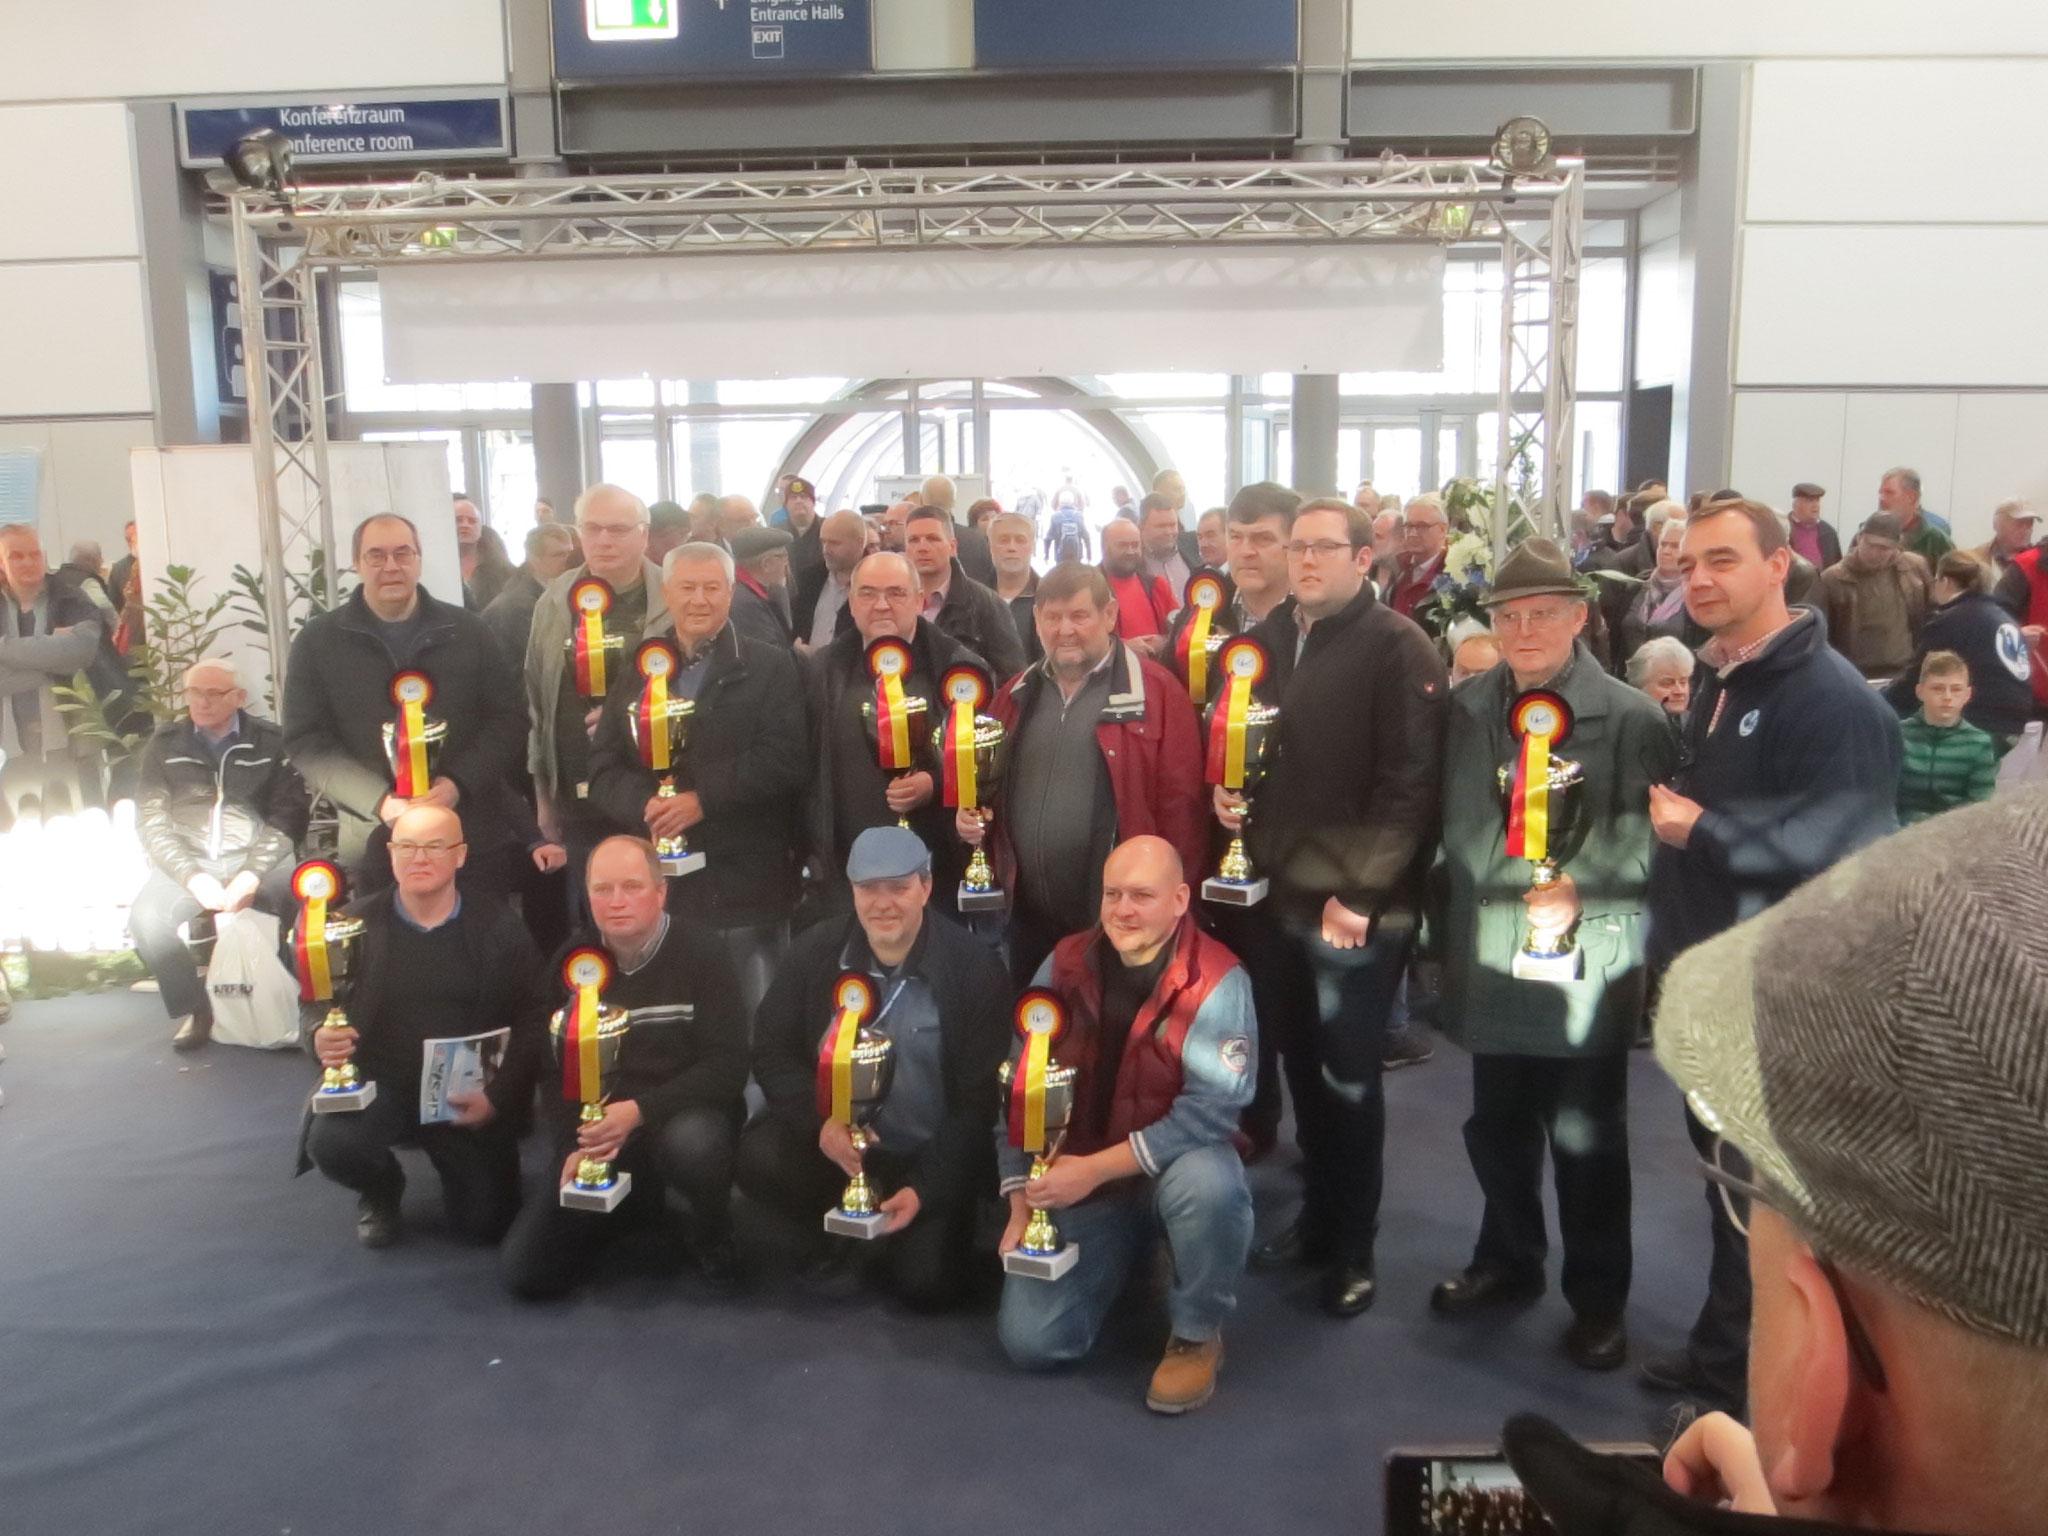 Die Erringer des Titels Deutsche Champions der Rassetaubenzucht 2017 mit Walter Baumann und dem VDT-Vorsitzenden Götz Ziaja.